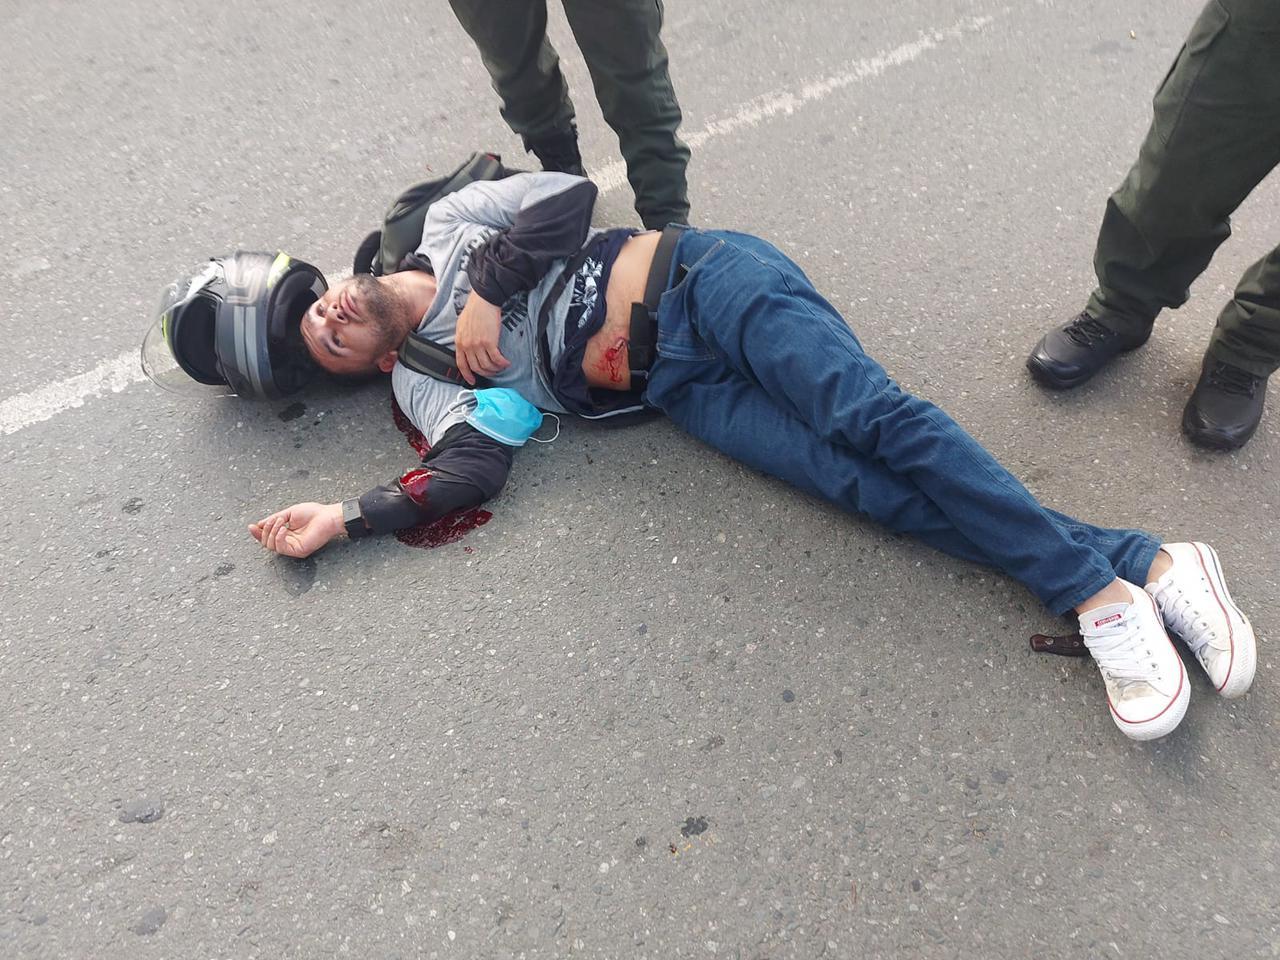 hoyennoticia.com, Policía da de baja a delincuente cuando robaba una moto (Video)